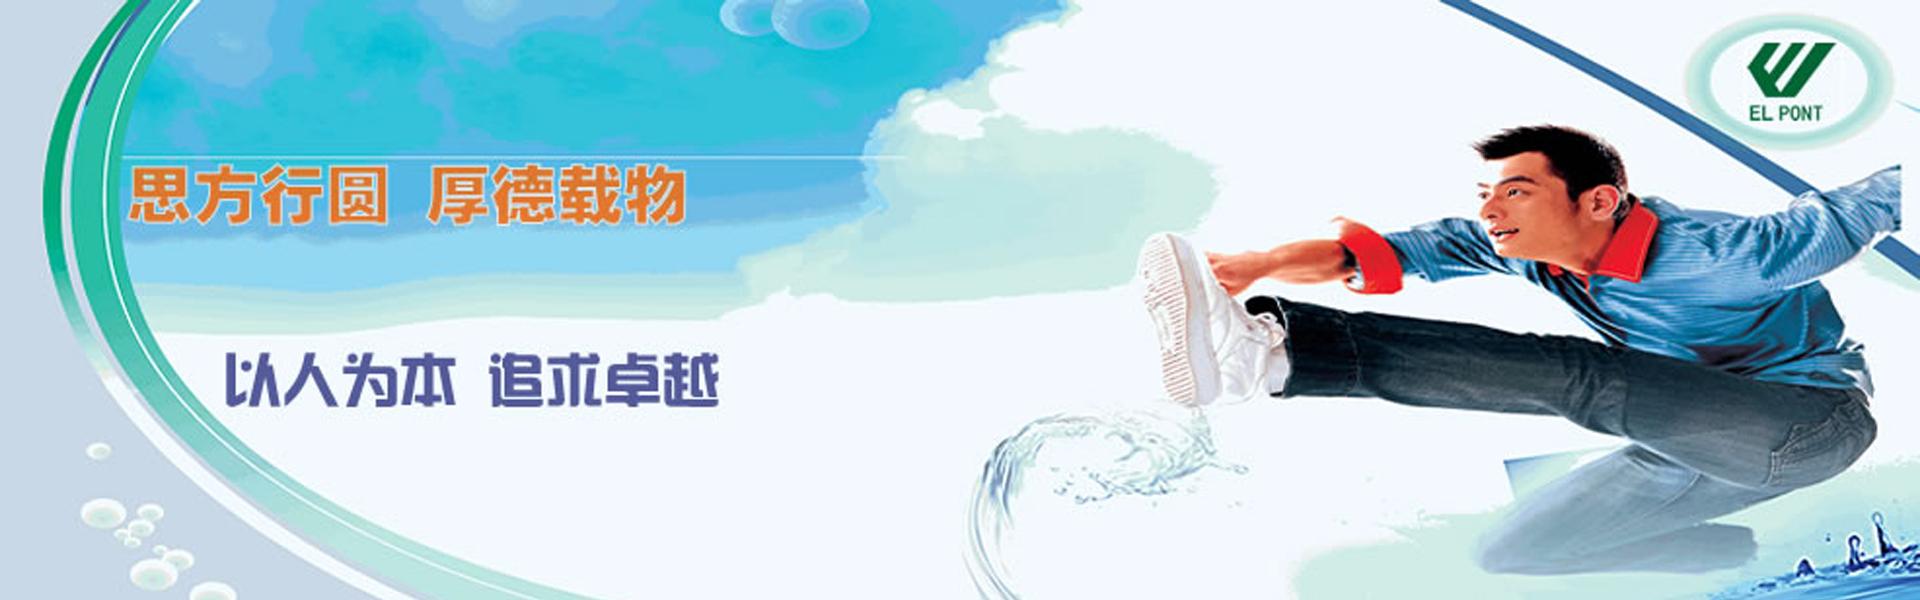 武汉爱邦辐照技术网站首页大图之二